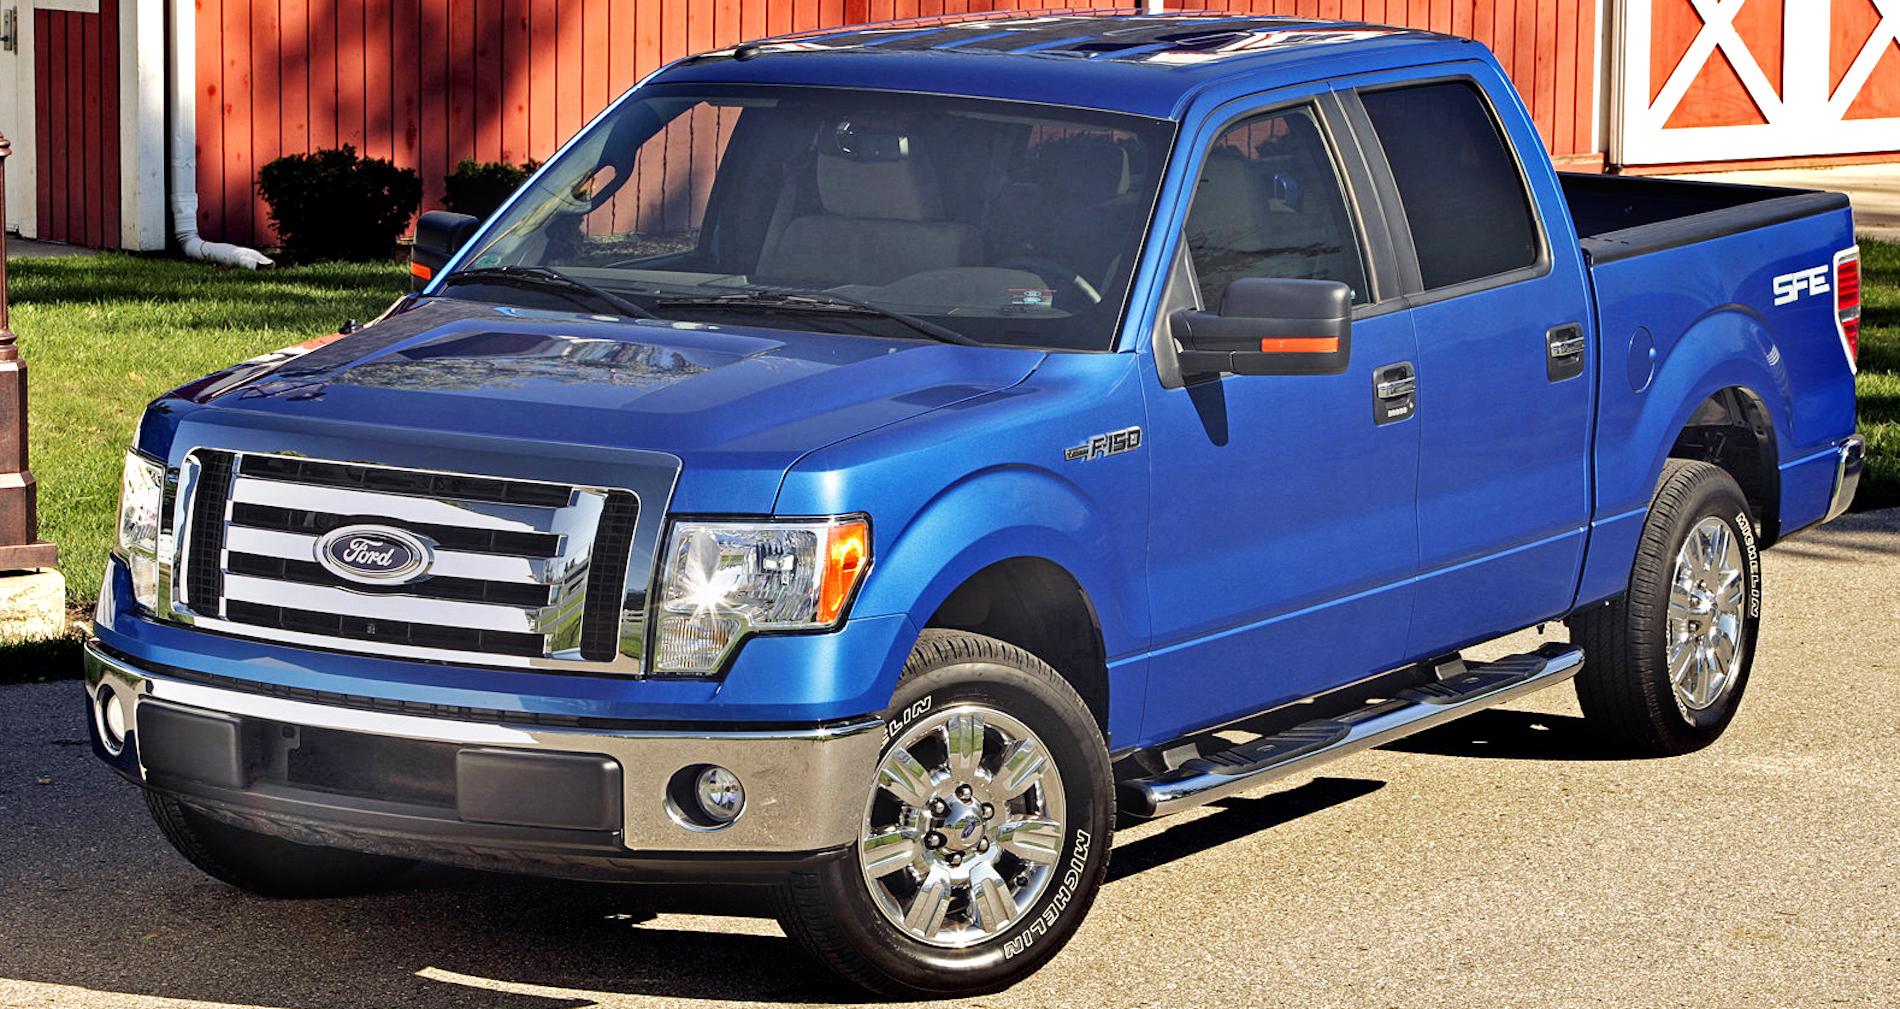 Ford-F-150_SFE-2009-1600-01